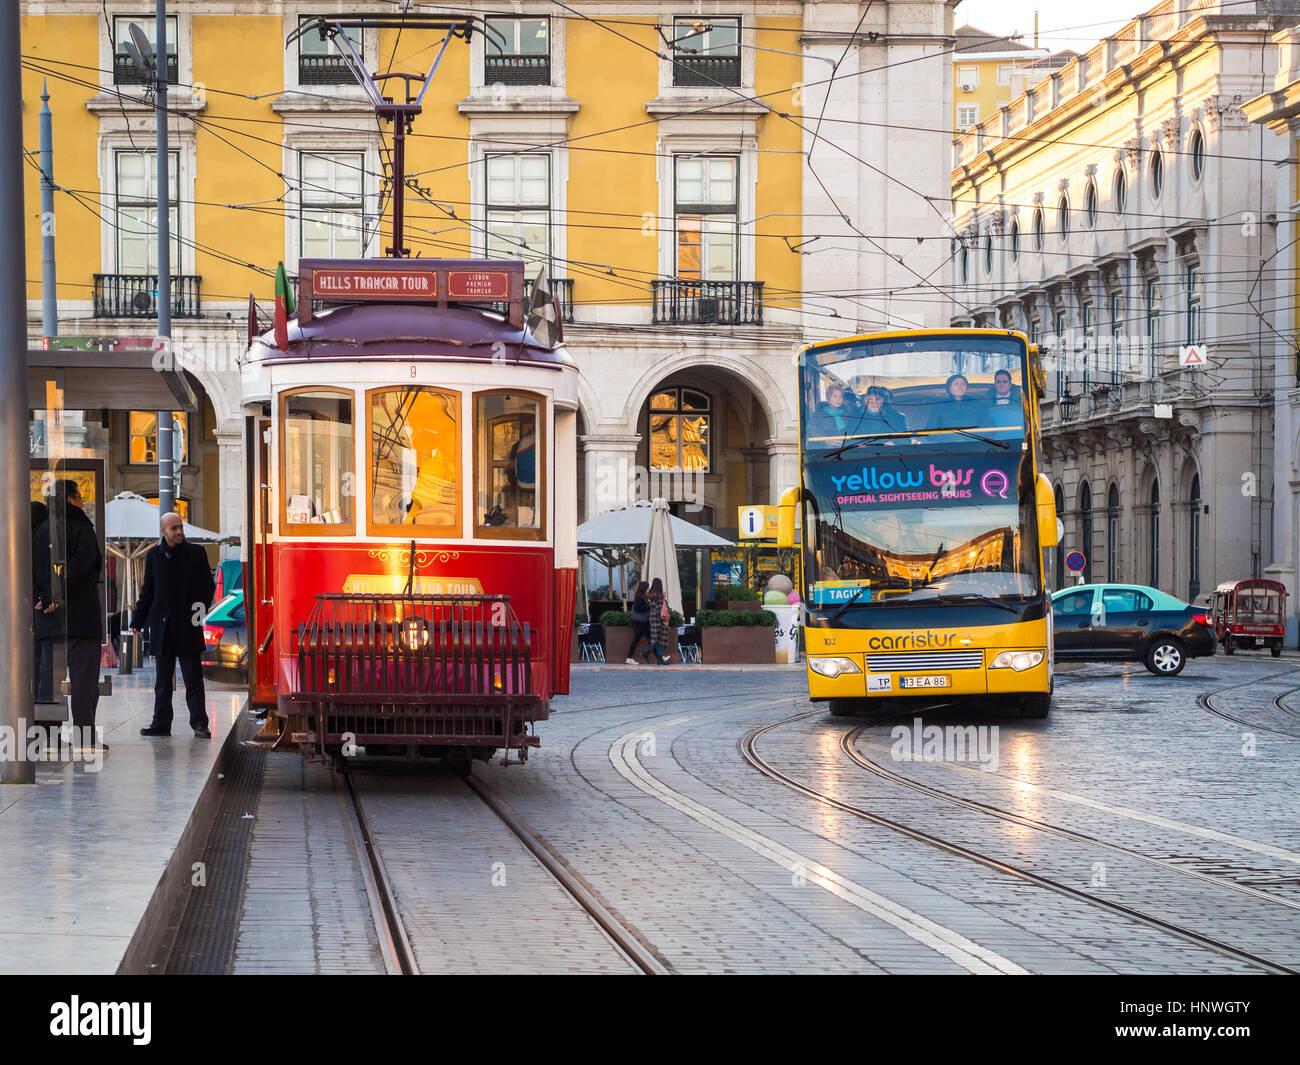 Lissabon, PORTUGAL - 10. Januar 2017: Transport in Lissabon: typische alte Straßenbahn und ein Touristenbus Stockbild